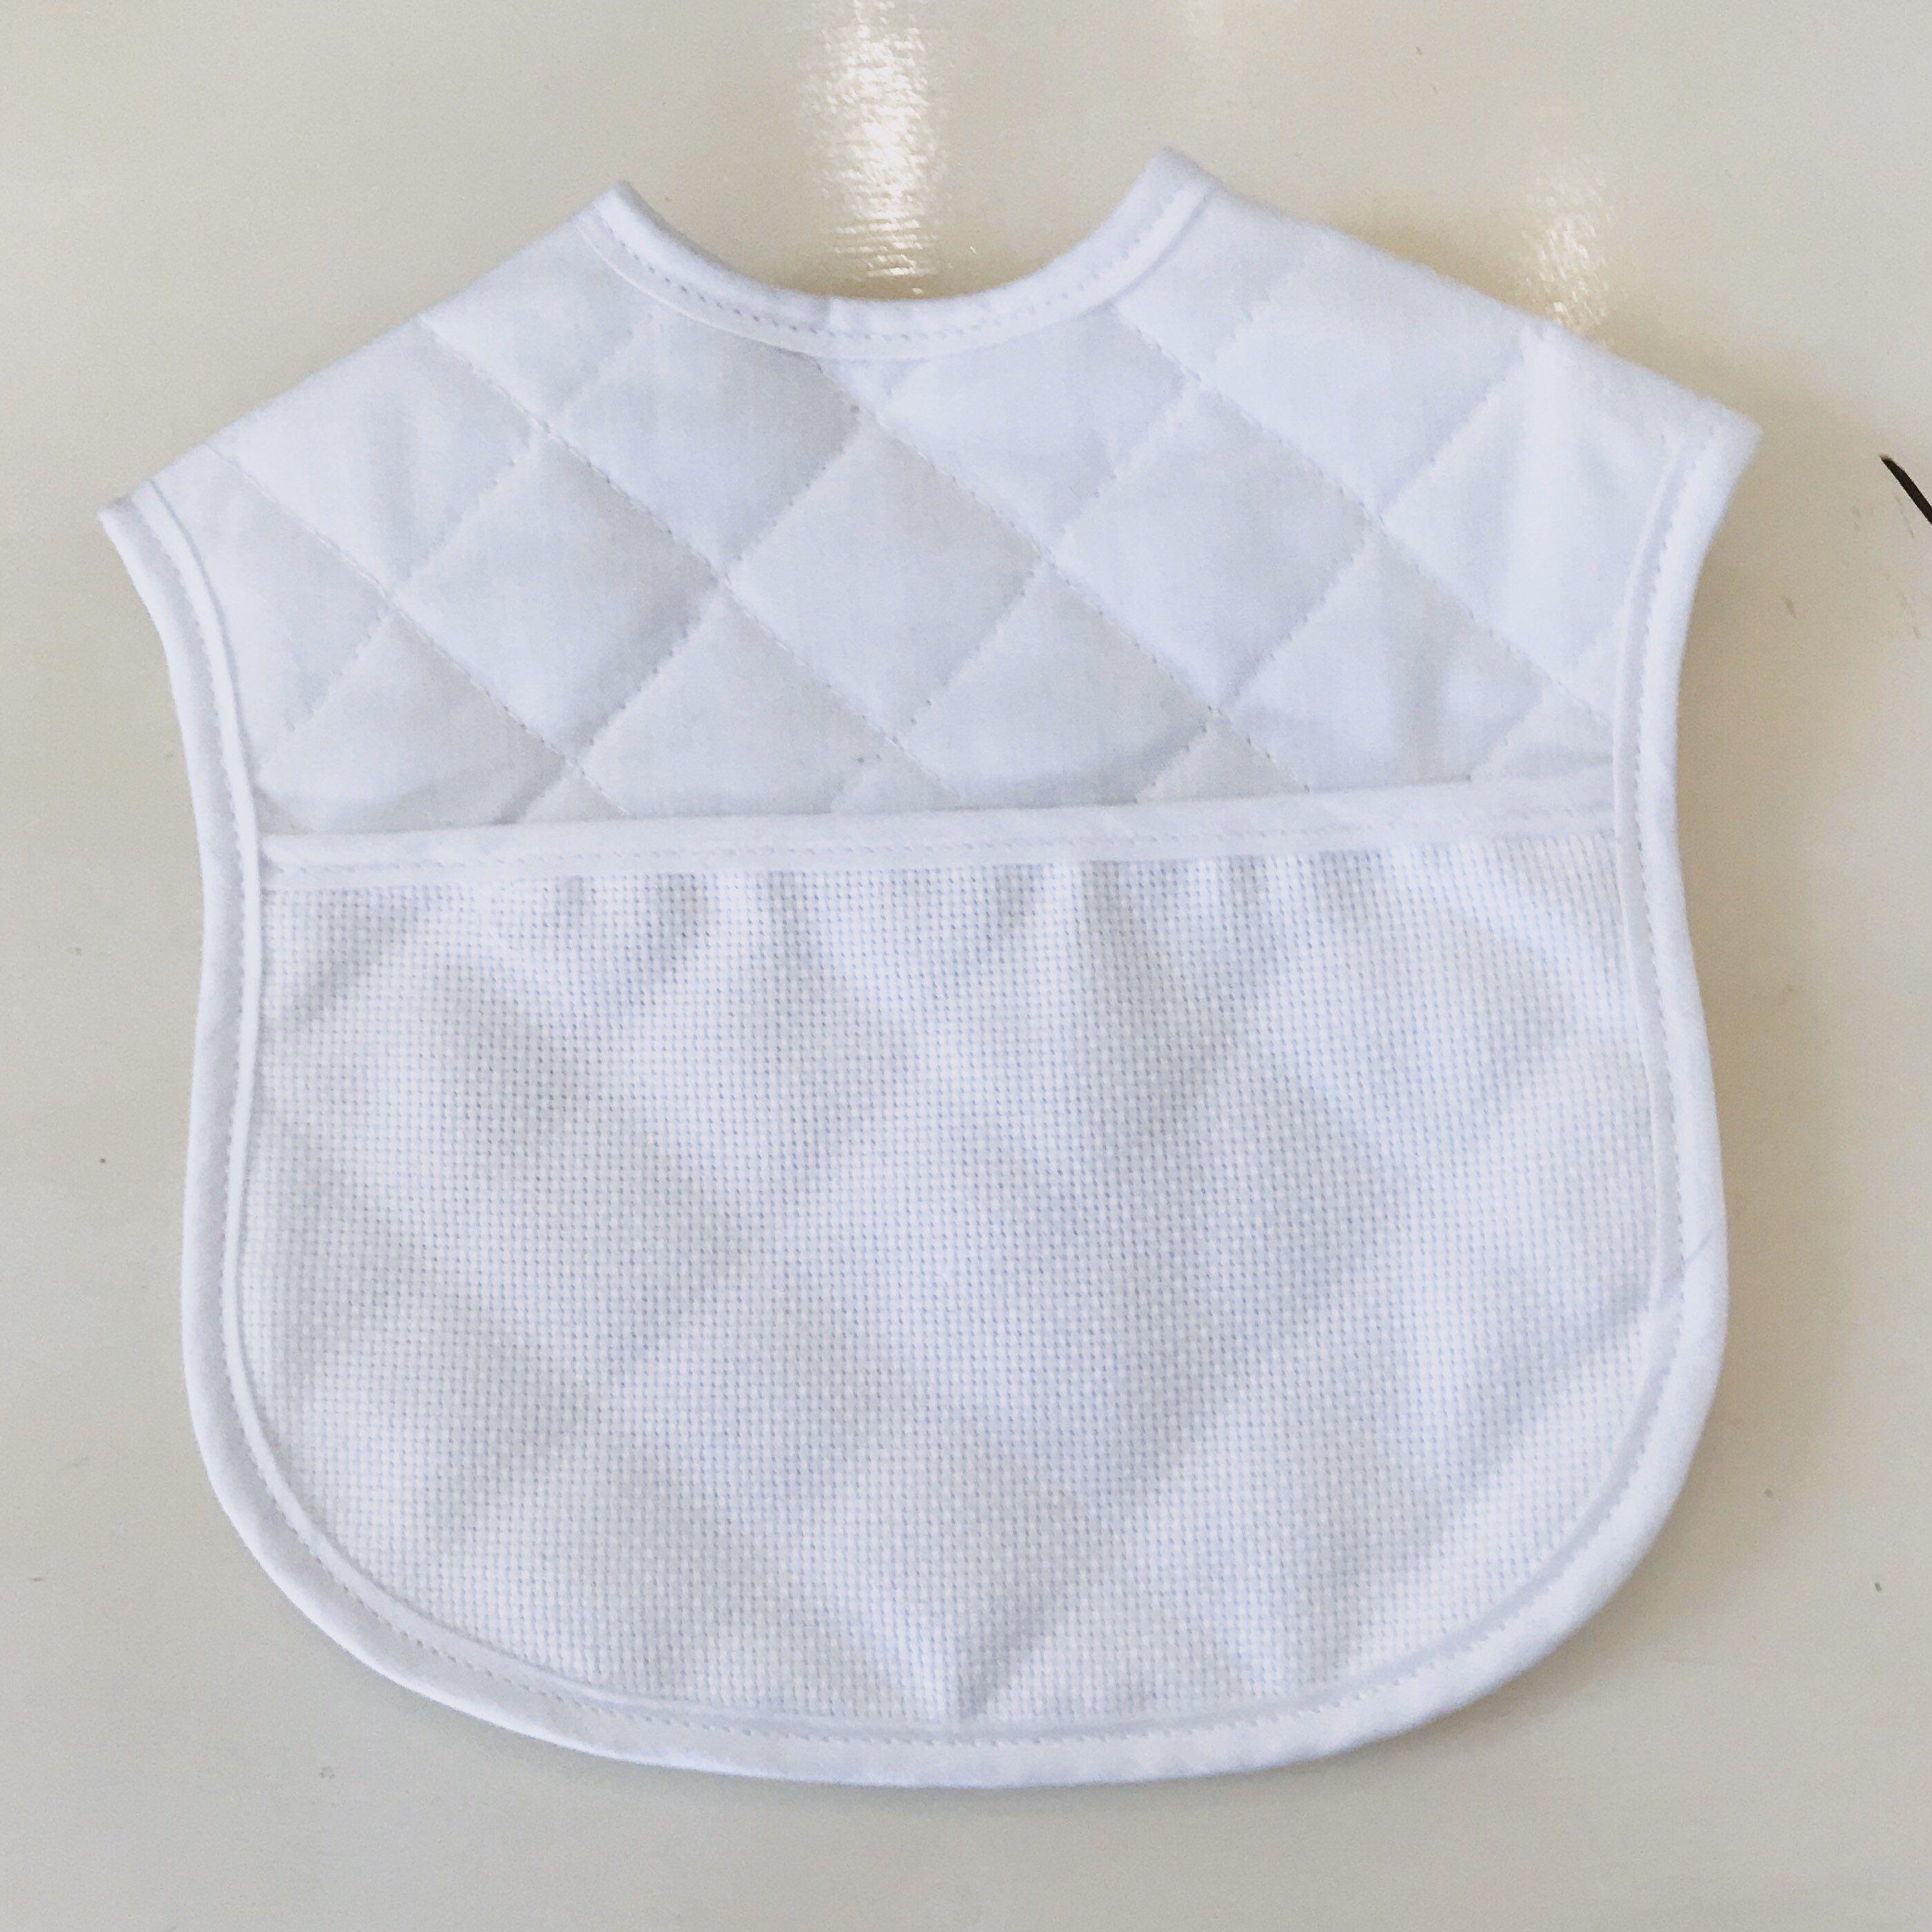 White Quilt stitch Vintage baby Bib